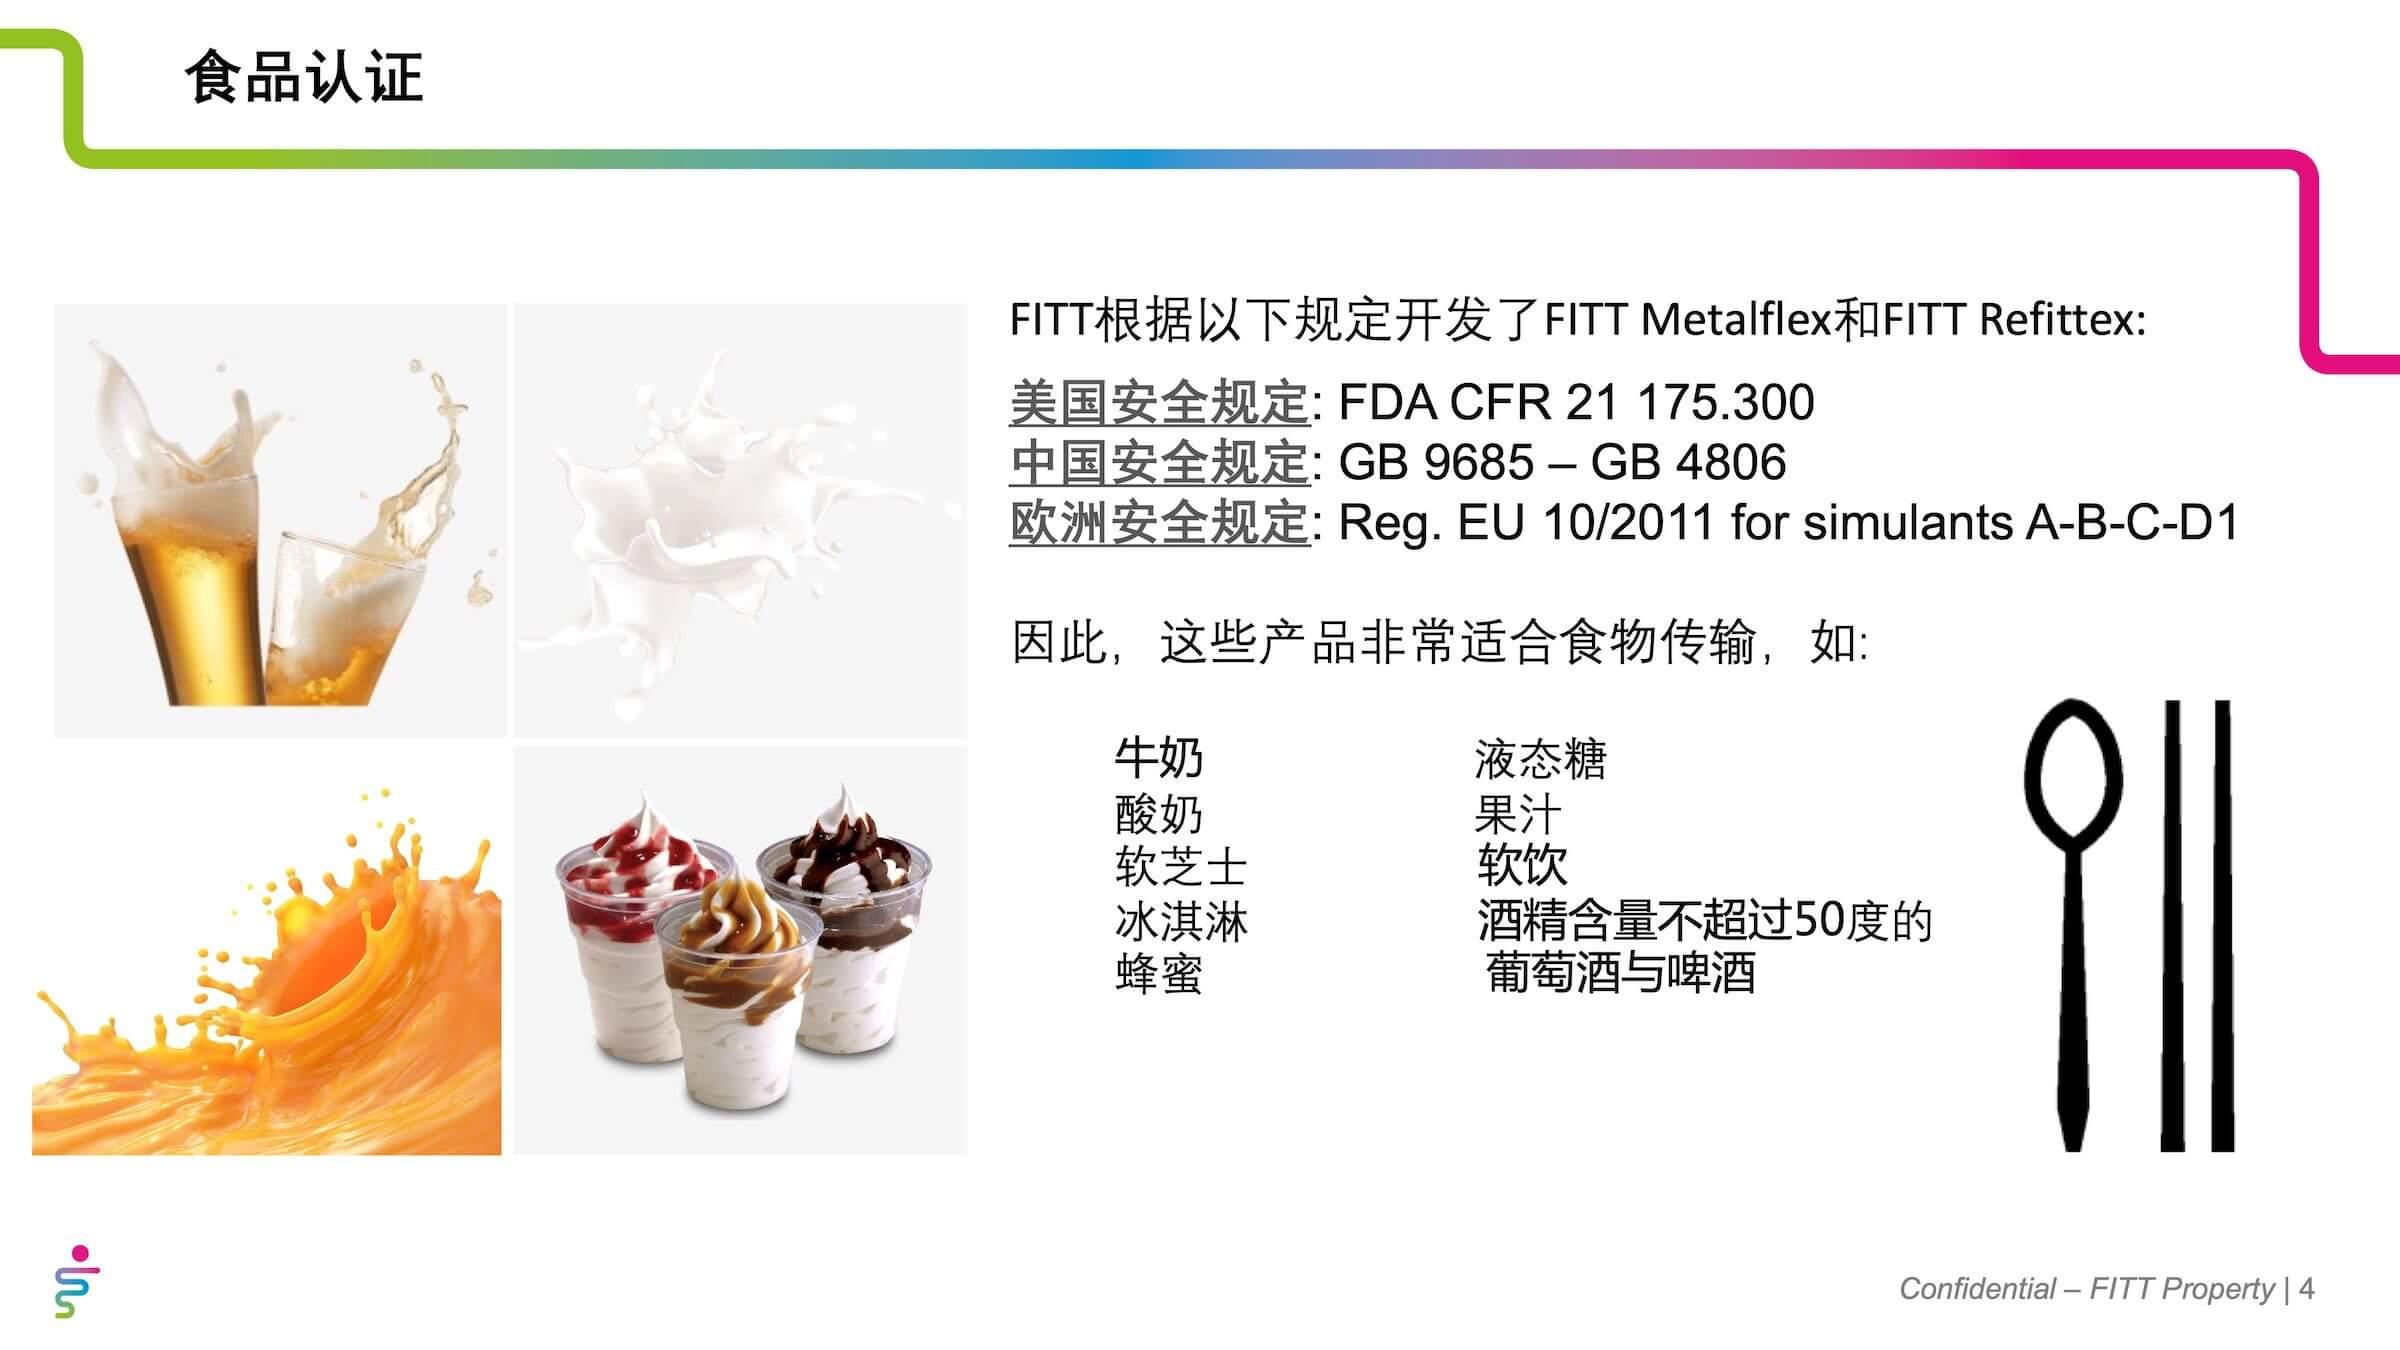 FITT翡易特应用于食品及饮料领域的产品